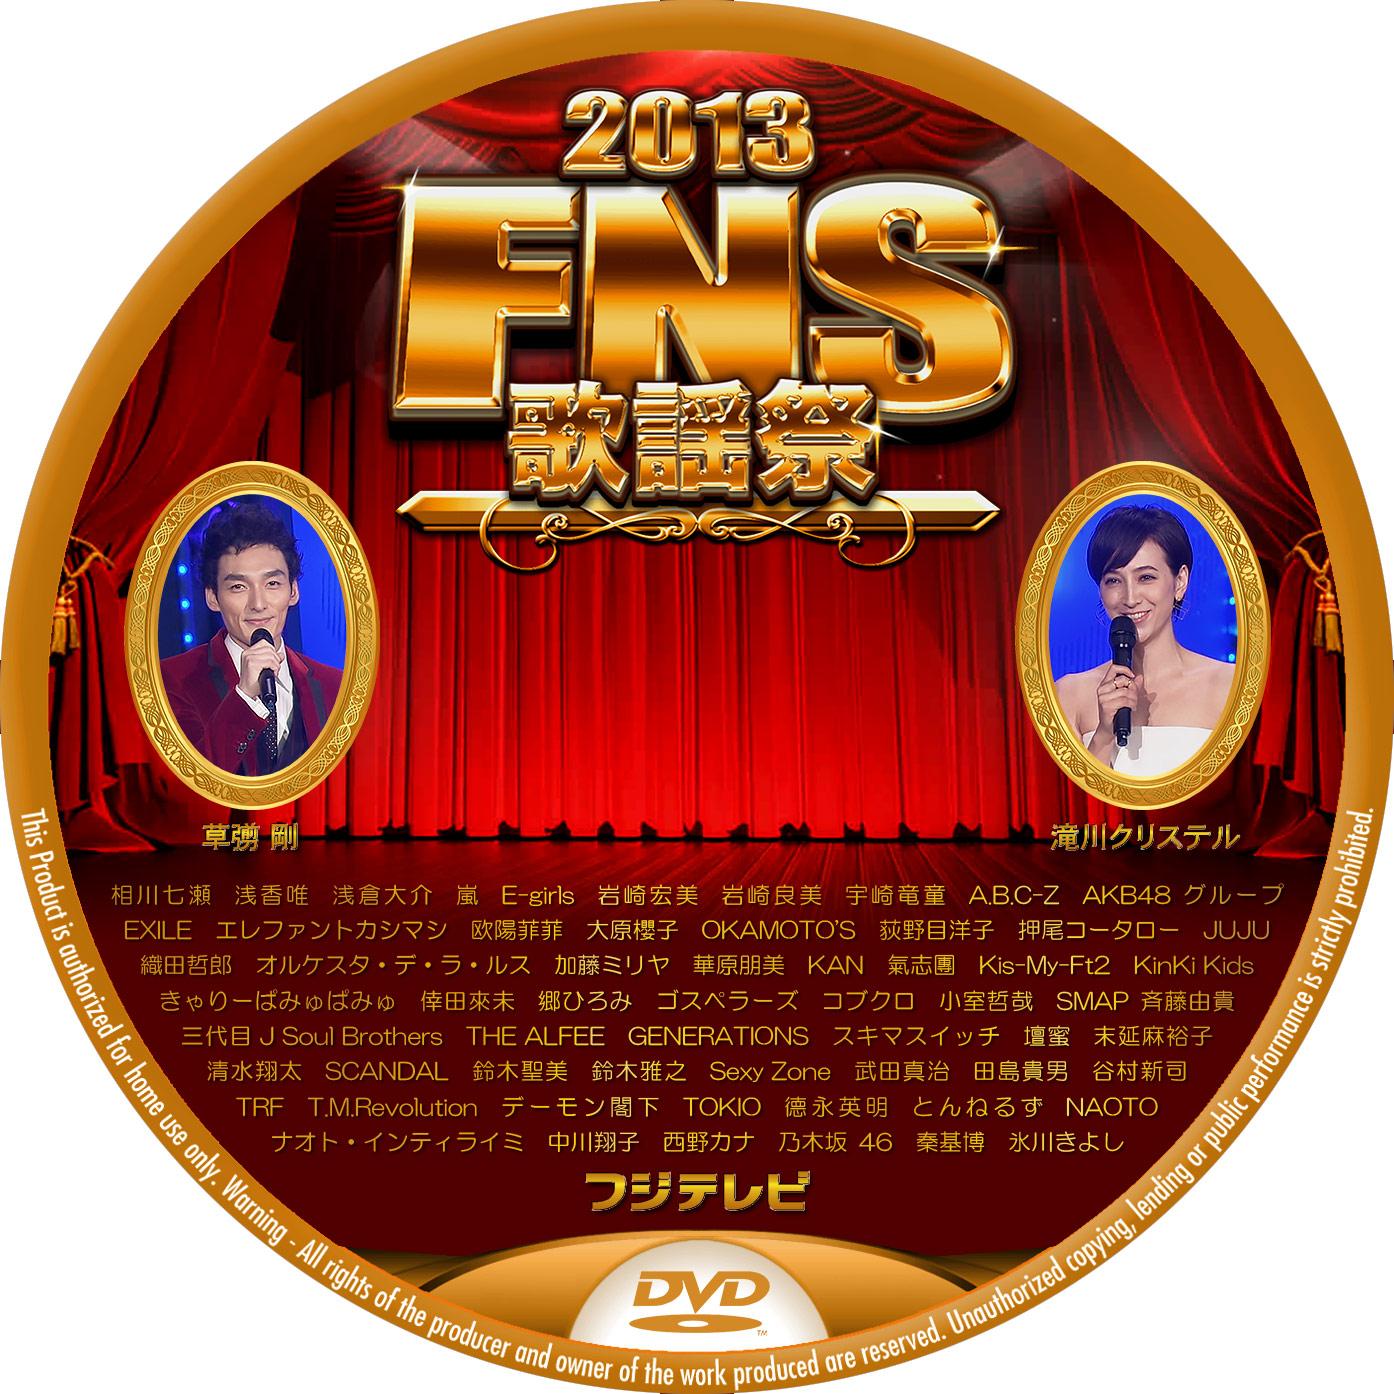 FNS歌謡祭 2013 DVDラベル